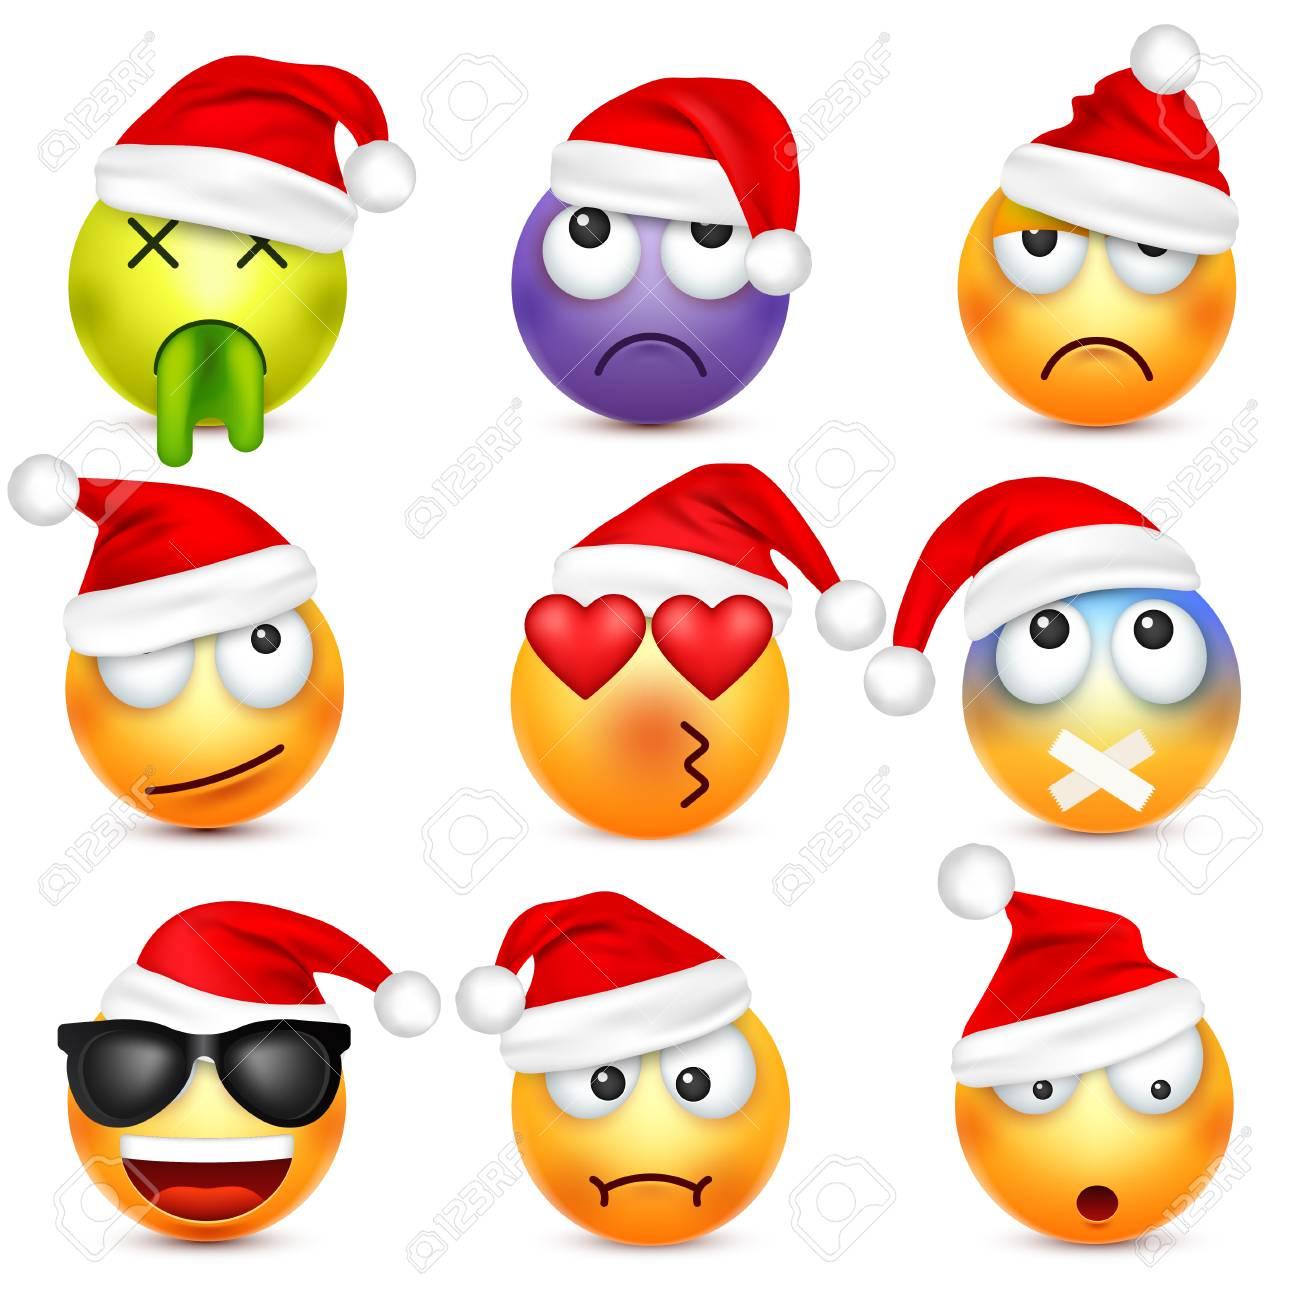 Smiley Jeu D Emoticones Visage Jaune Avec Emotions Et Chapeau De Noel Nouvel An Santa Winter Emoji Visages Triste Heureux En Colere Personnage De Dessin Anime Drole Bonne Humeur Vecteur Clip Art Libres De